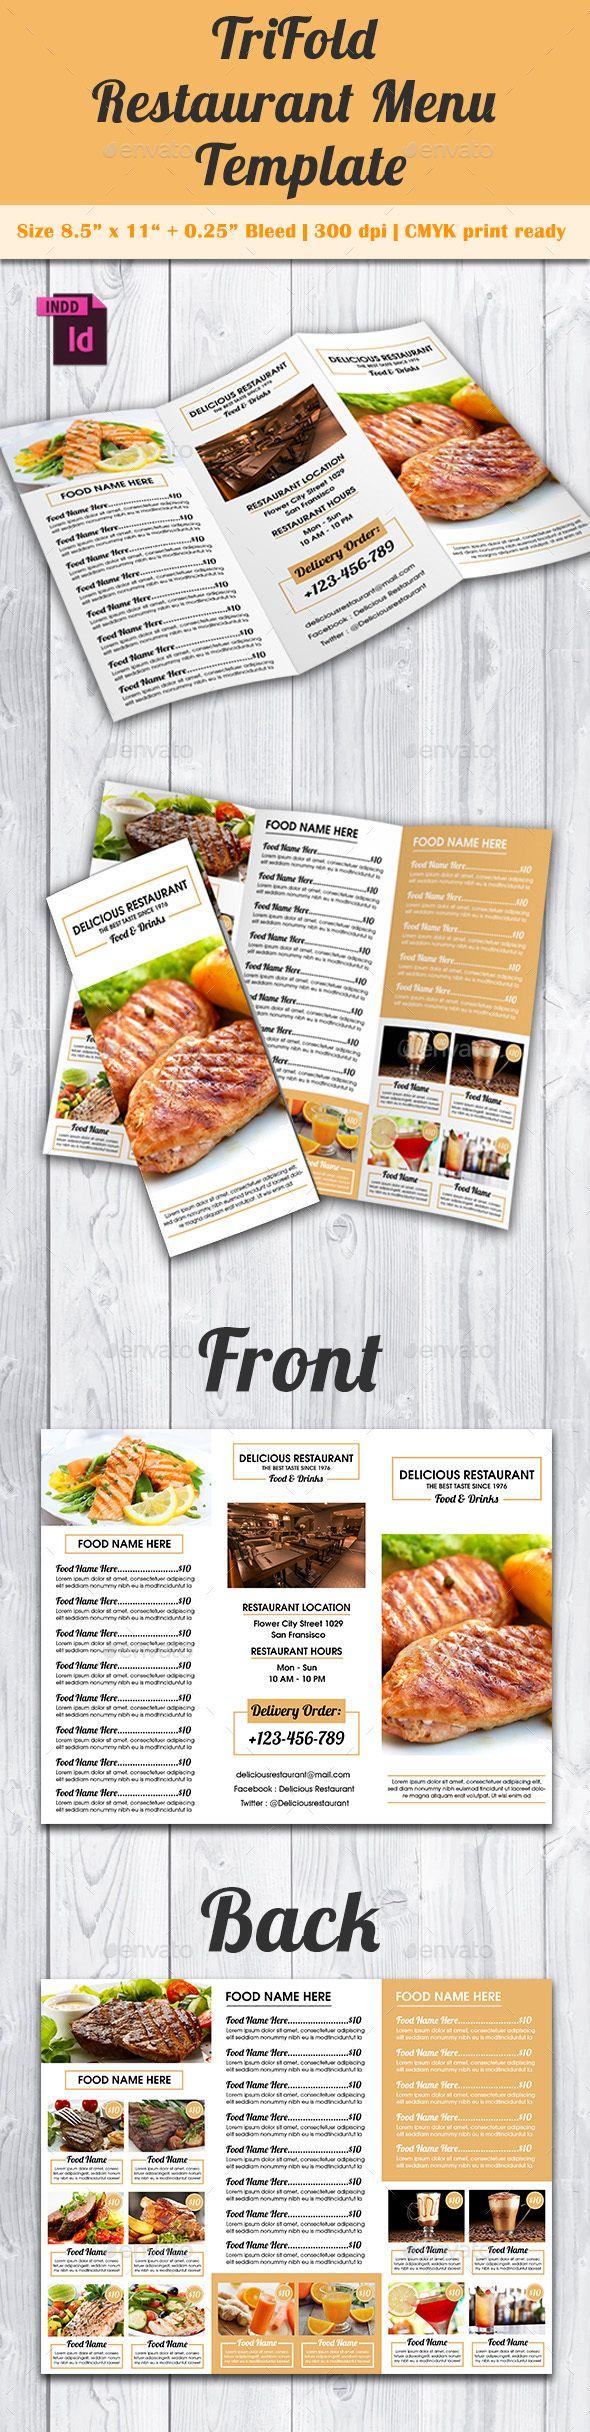 TriFold Restaurant Menu Template Vol. 9